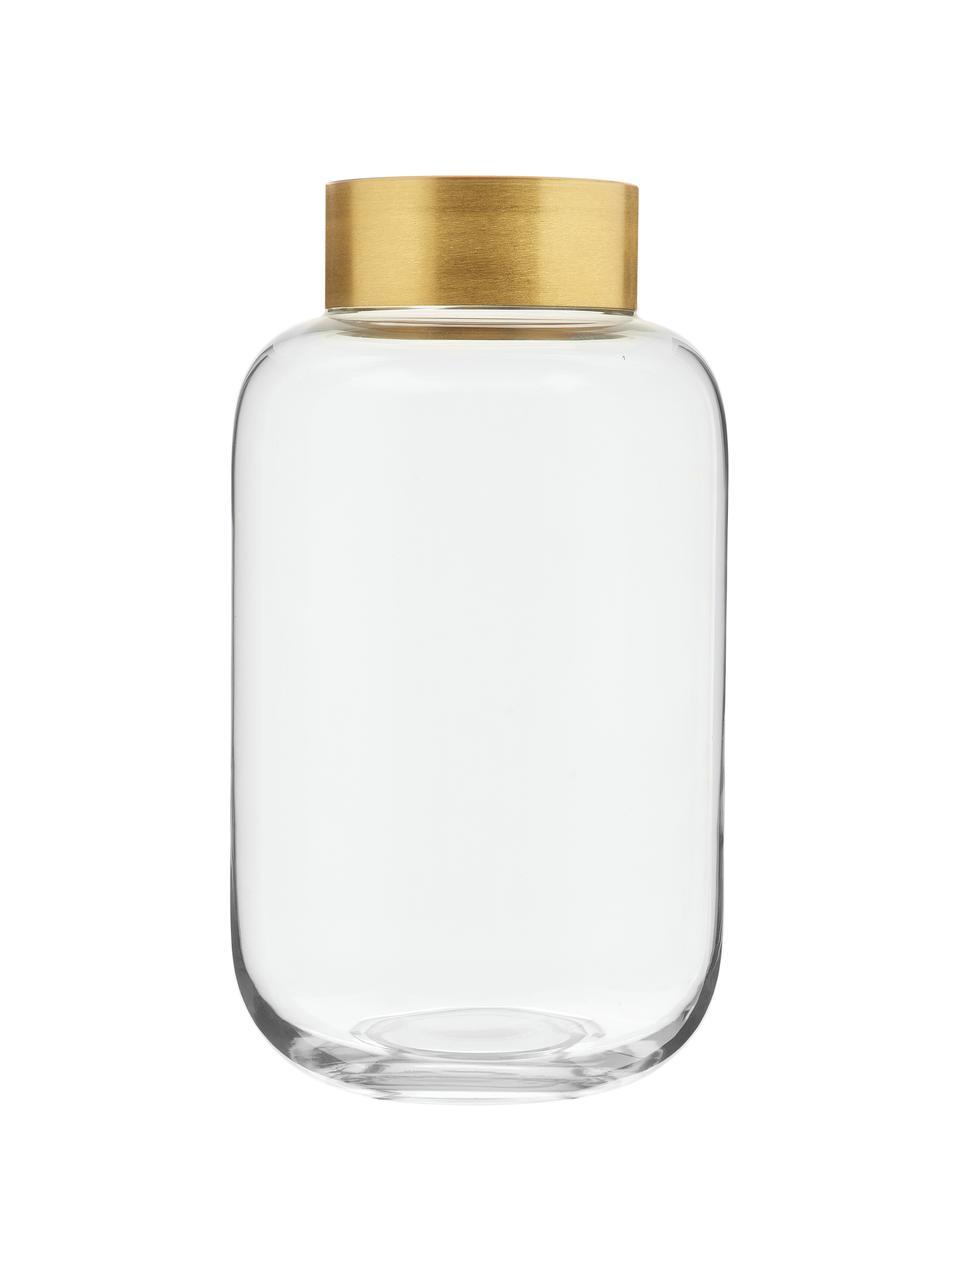 Wazon Lori, Wazon: transparentny Szyjka: odcienie złotego, matowy, Ø 16 x W 29 cm